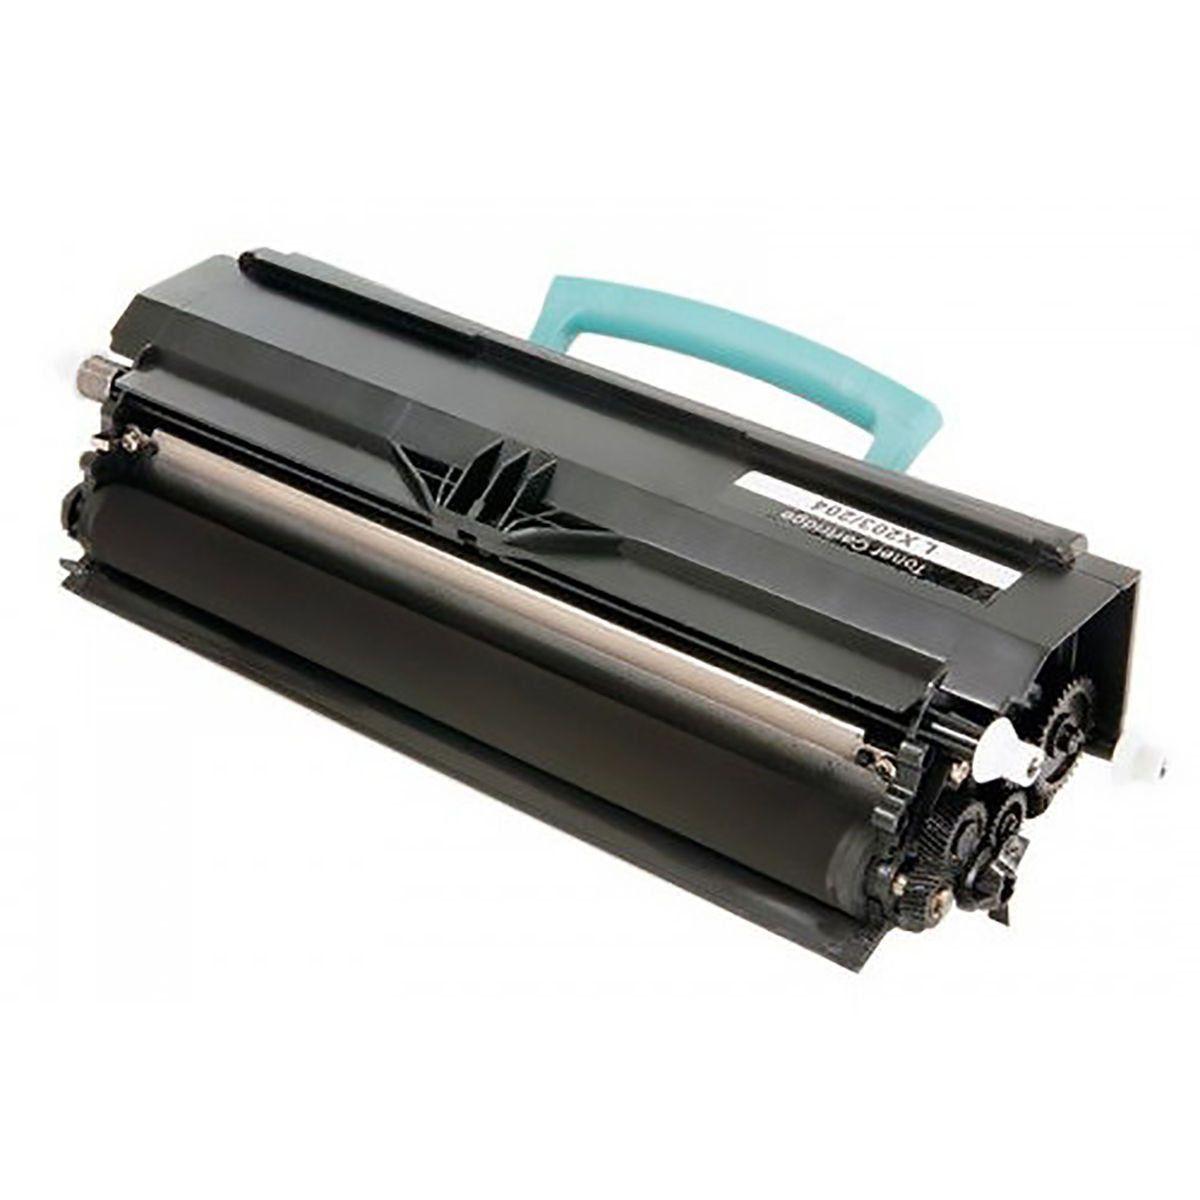 Compatível: Toner X203A11G para Impressora Lexmark X203 X204 X203N X204N X-203 204 203N 204N / Preto / 2.500